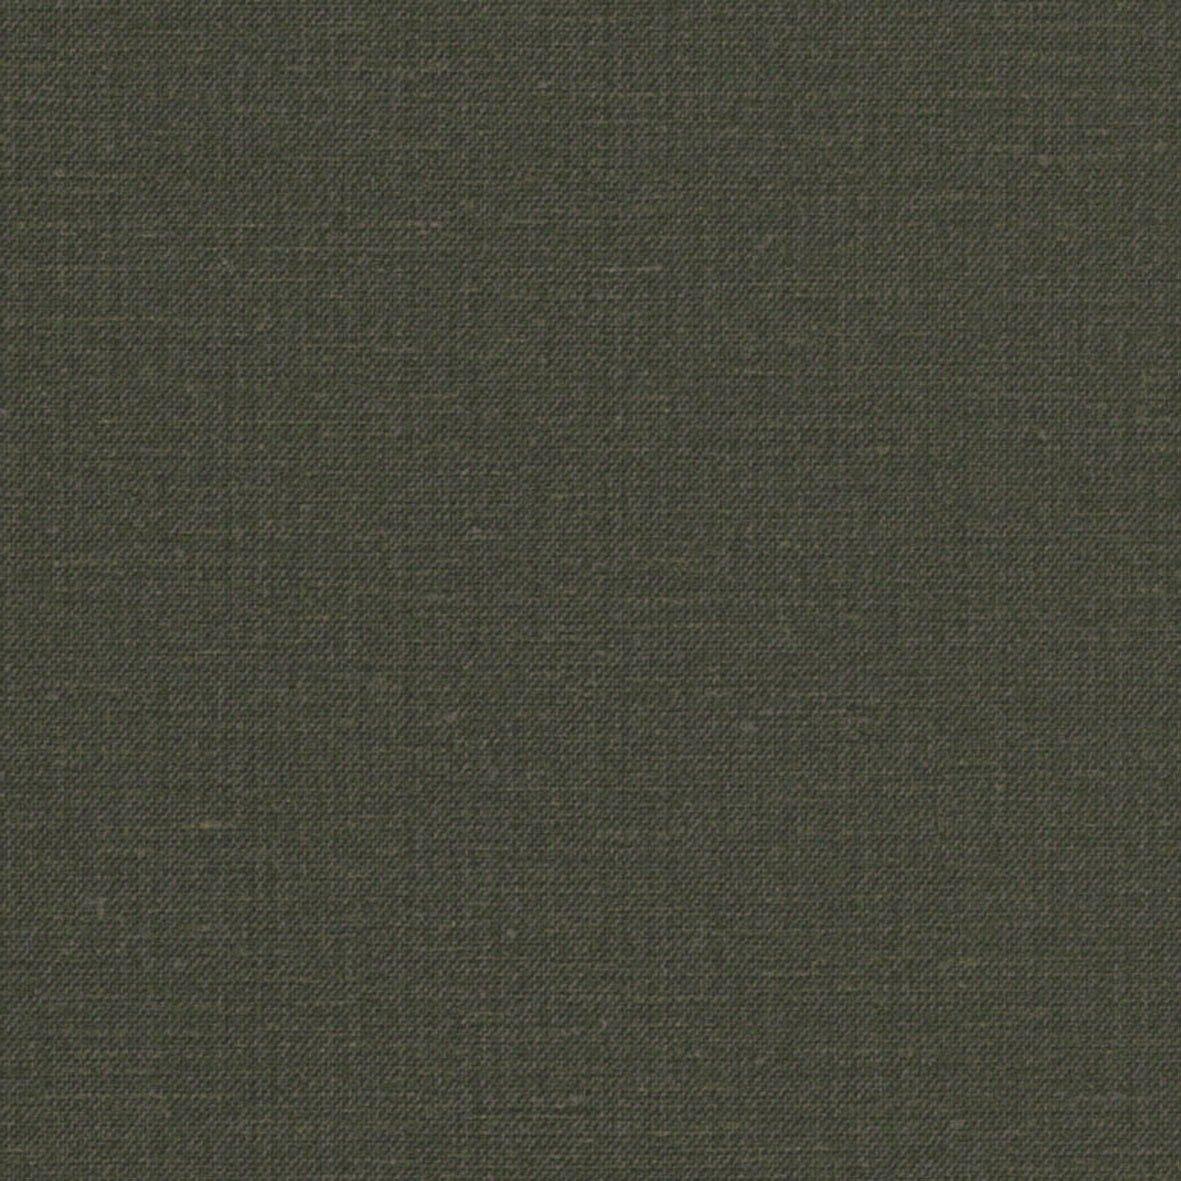 リリカラ 壁紙34m シンフル 無地 ブラウン LL-8602 B01N3SVAMP 34m|ブラウン2